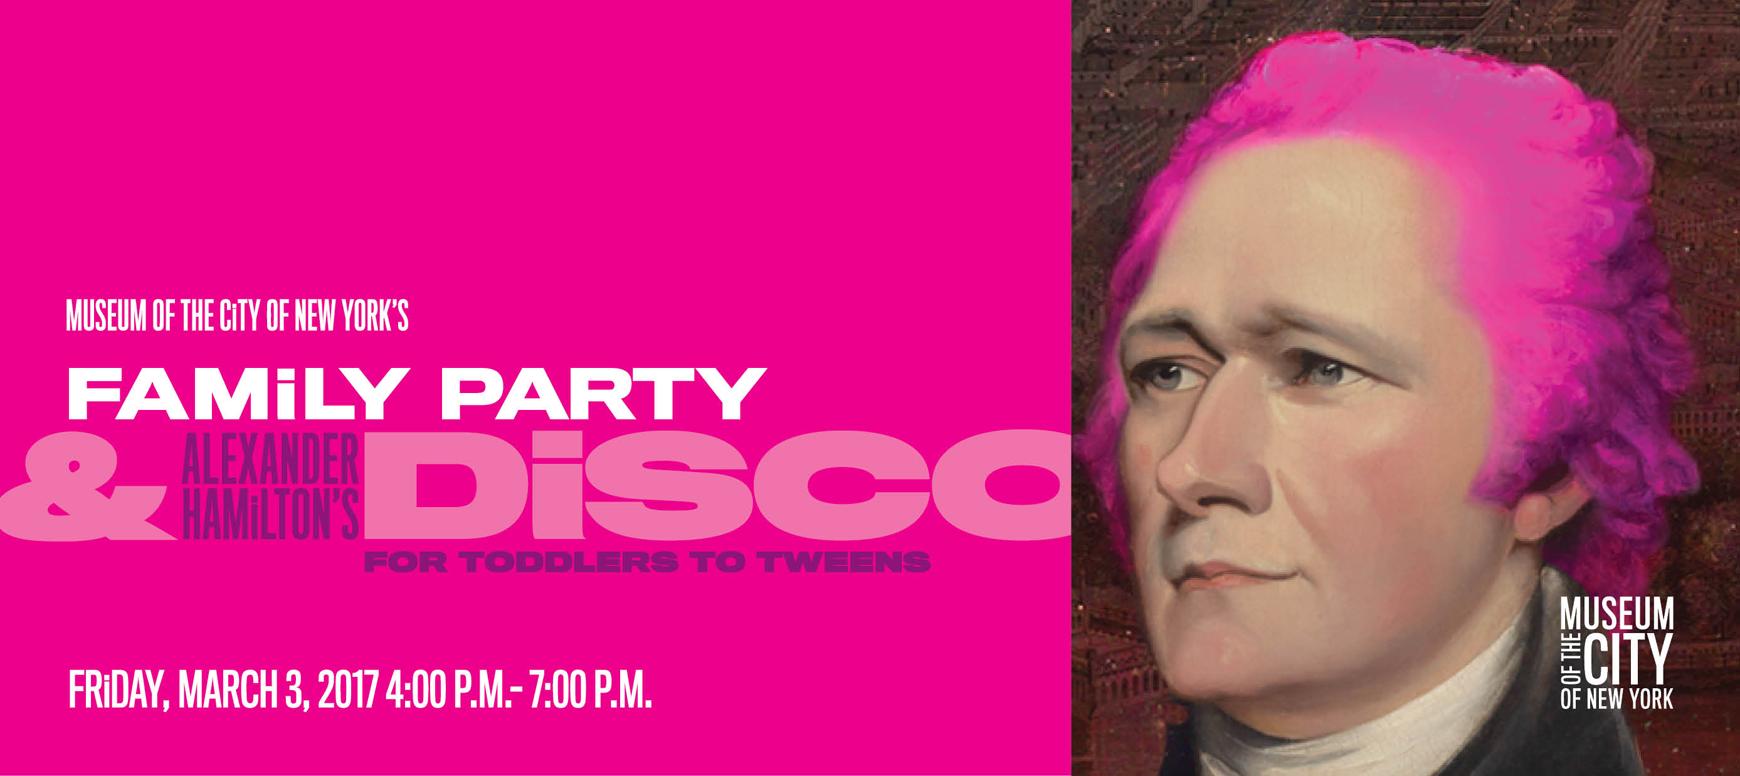 Alexander Hamilton Disco